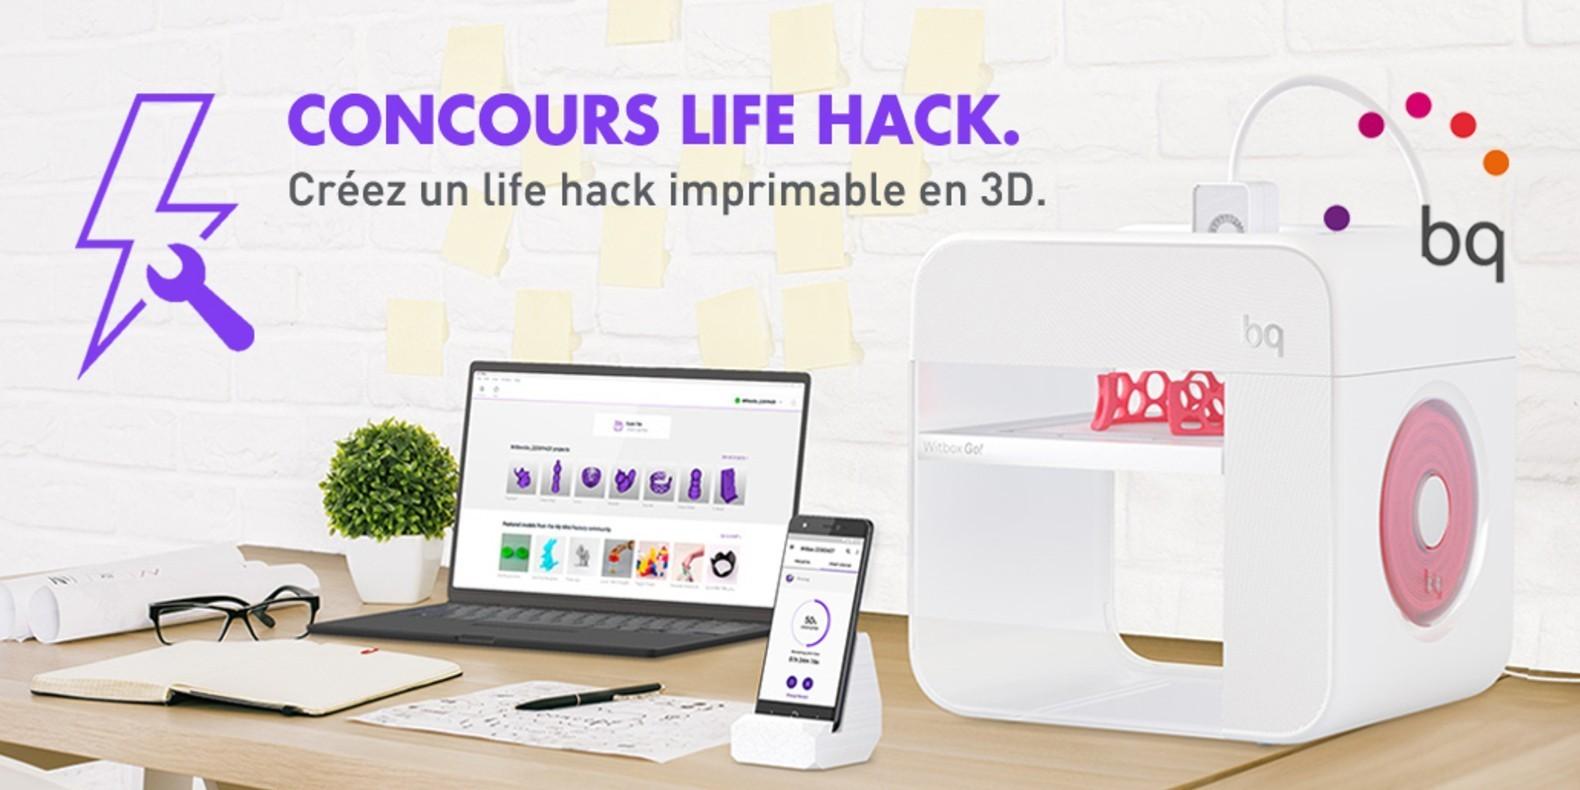 Life Hack imprimé en 3D 2